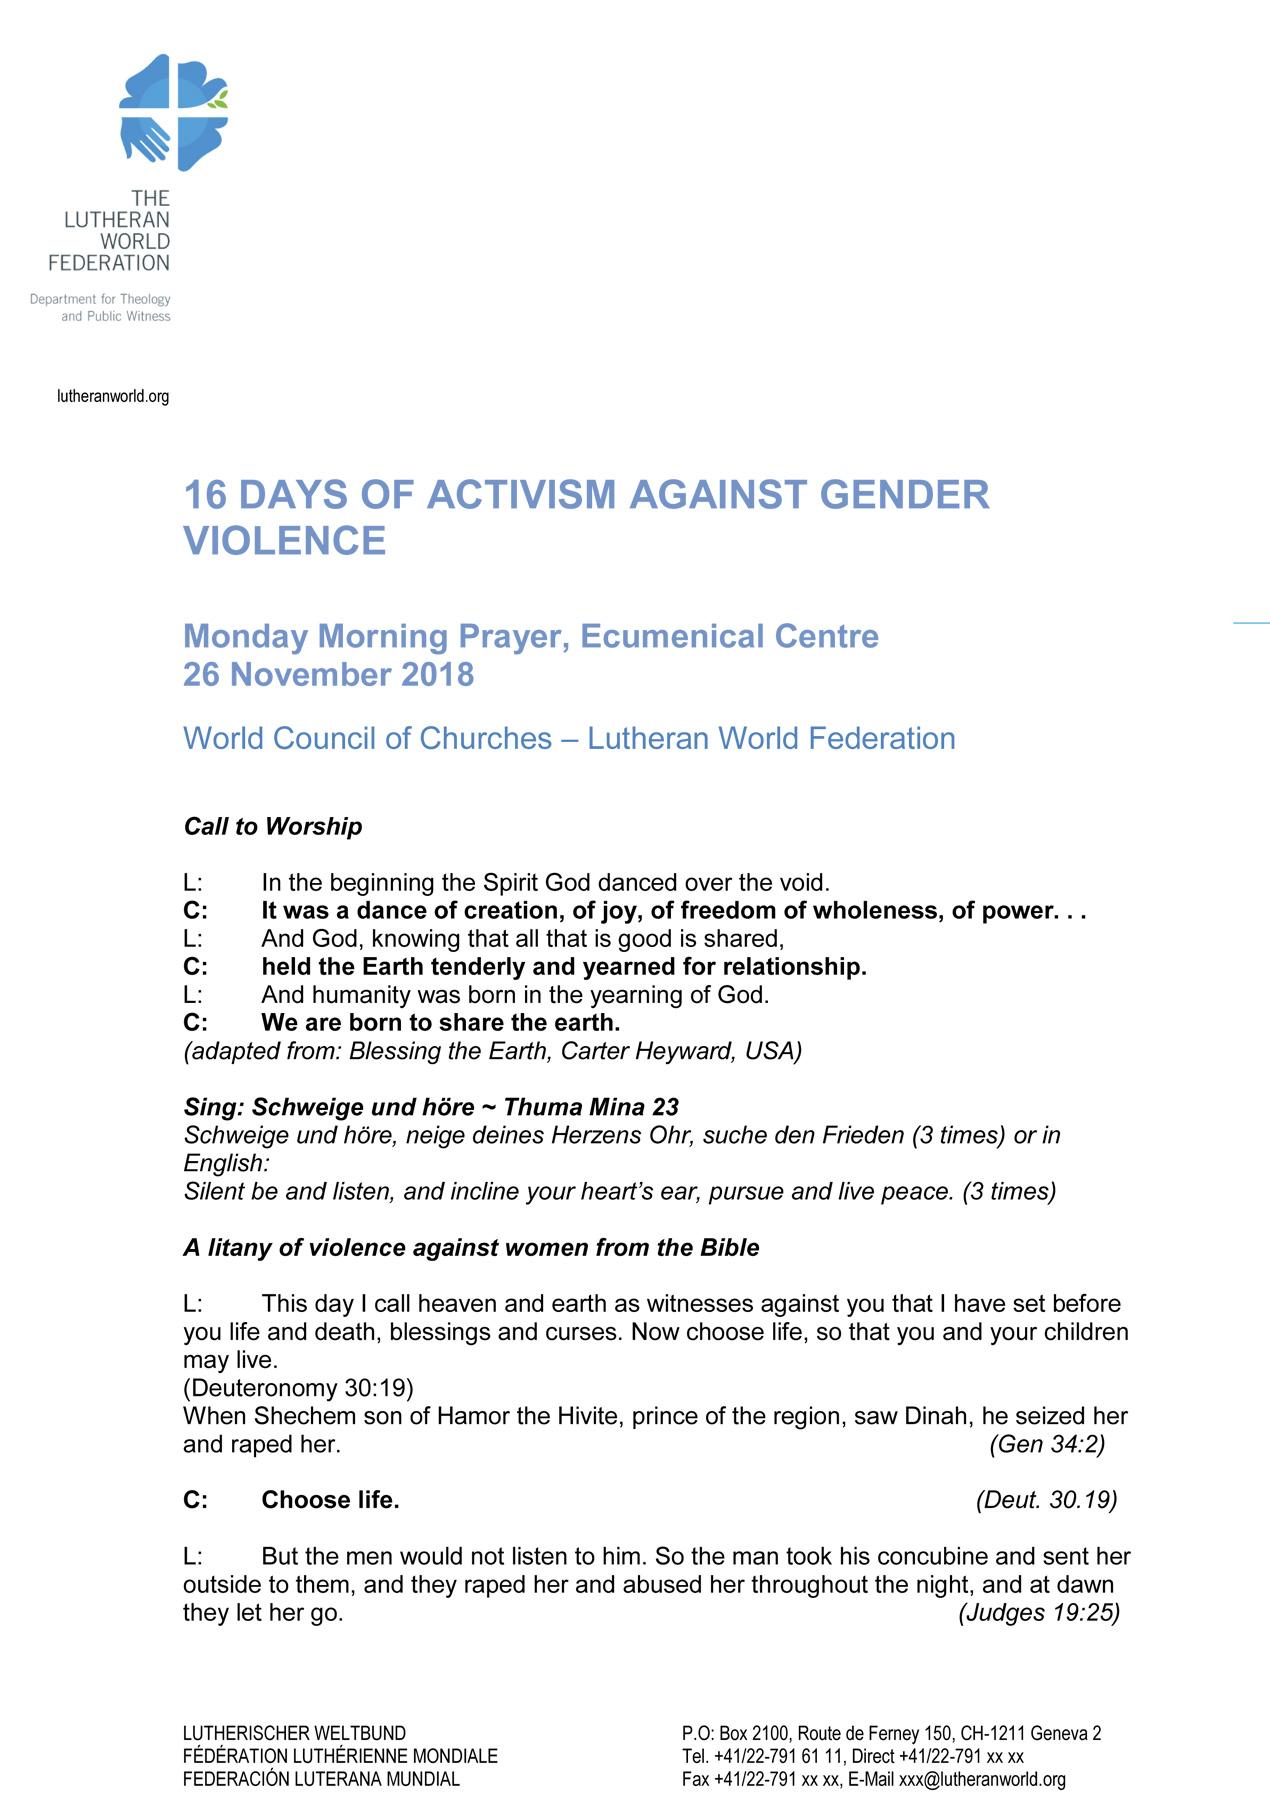 Resource - 16 Days of Activism Against Gender Violence - Liturgical